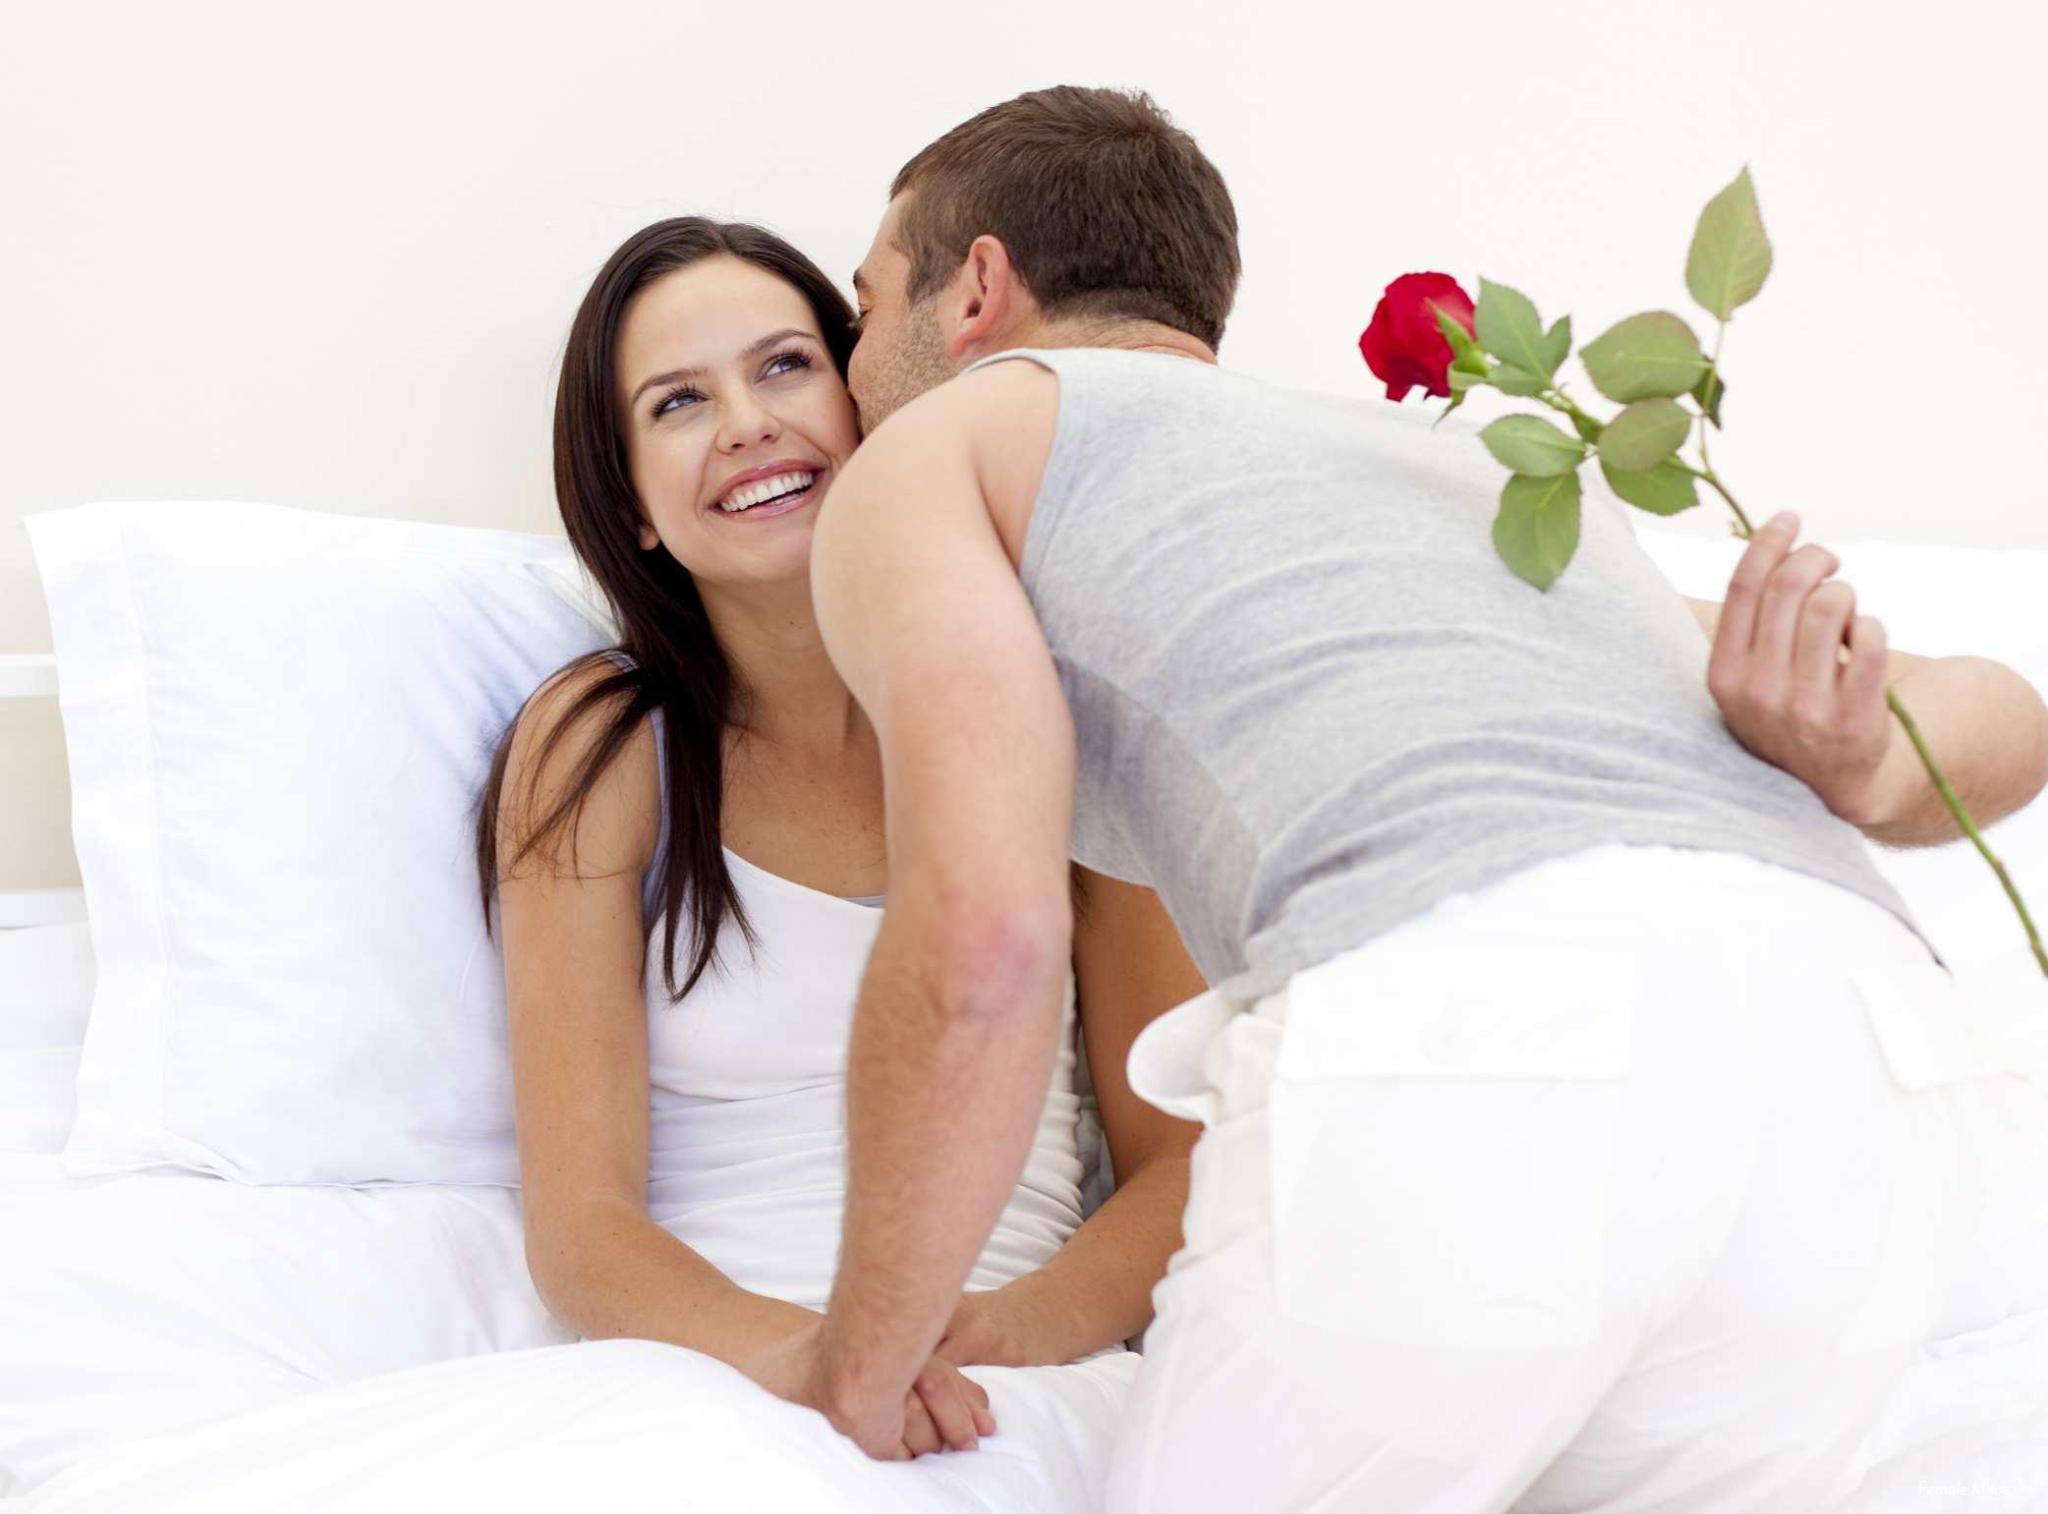 Муж целует жену